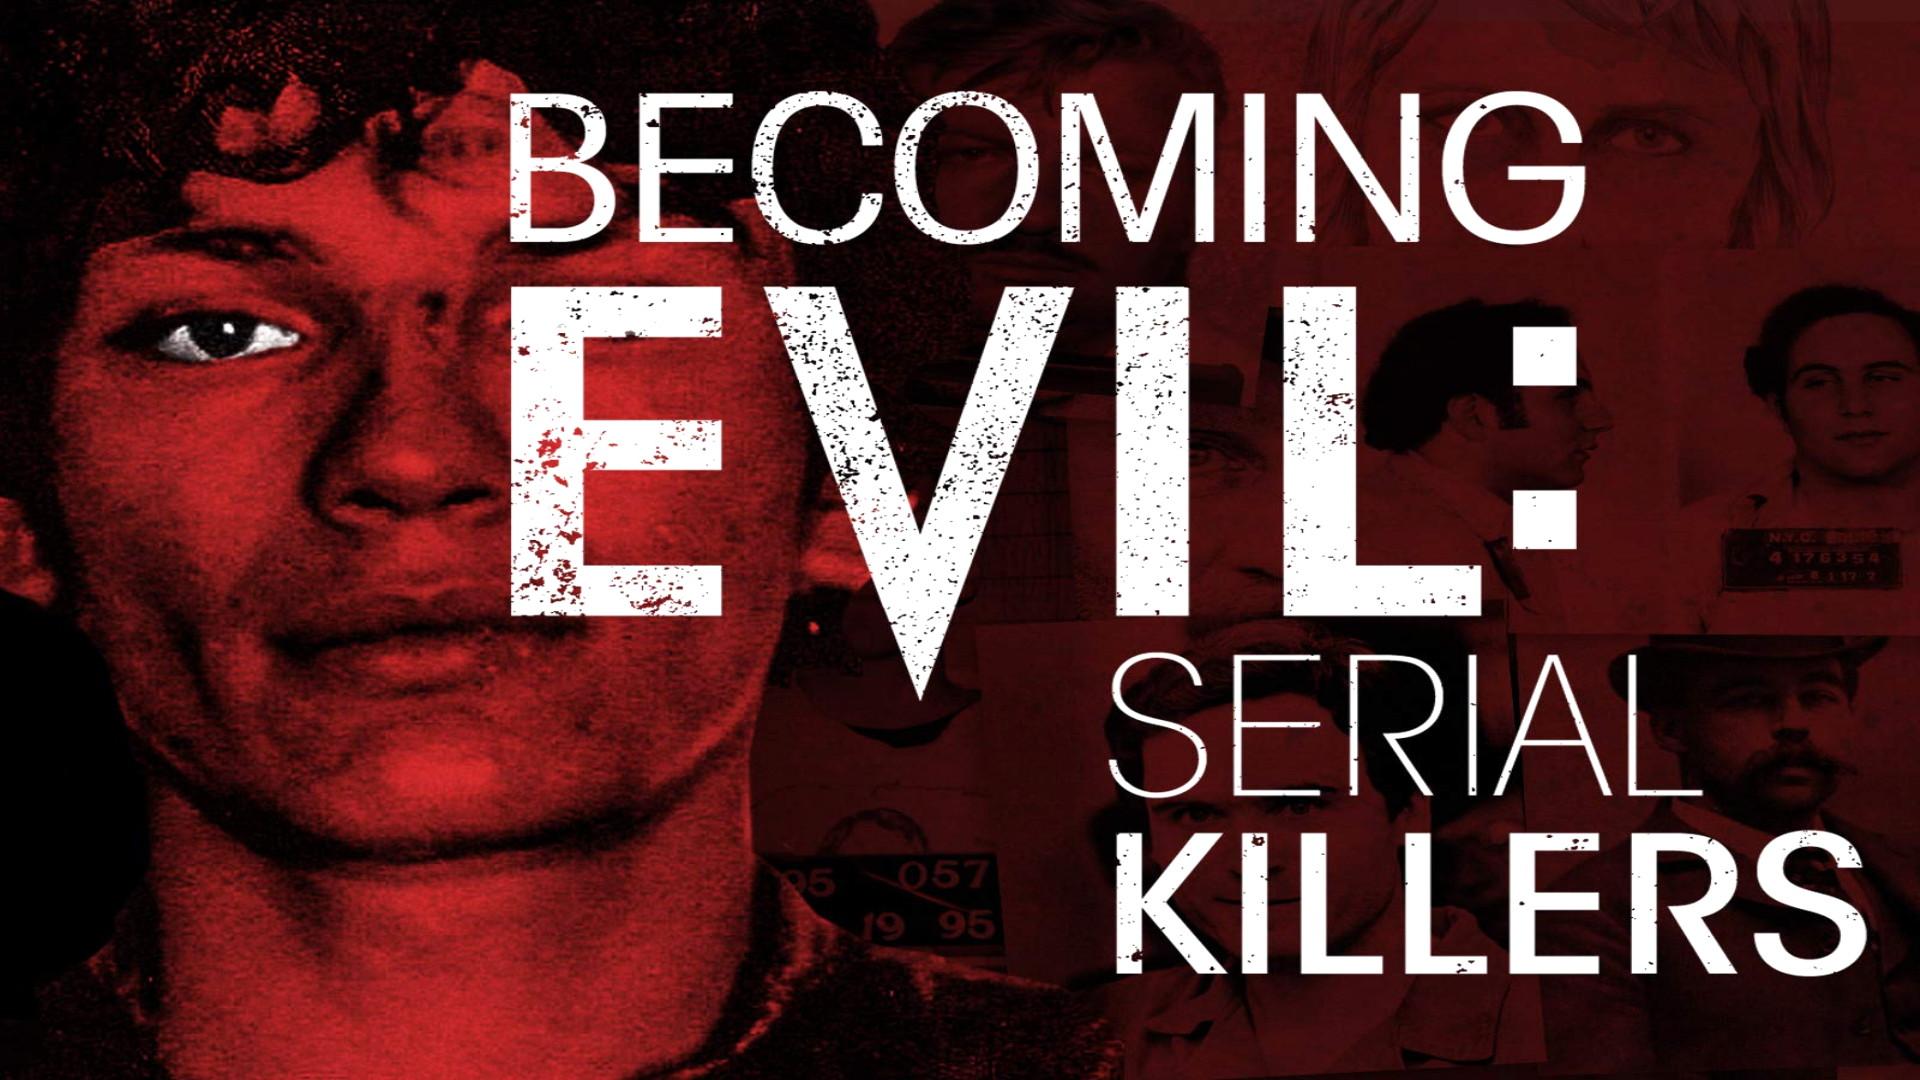 serial killers influencing slogans - HD1920×1080